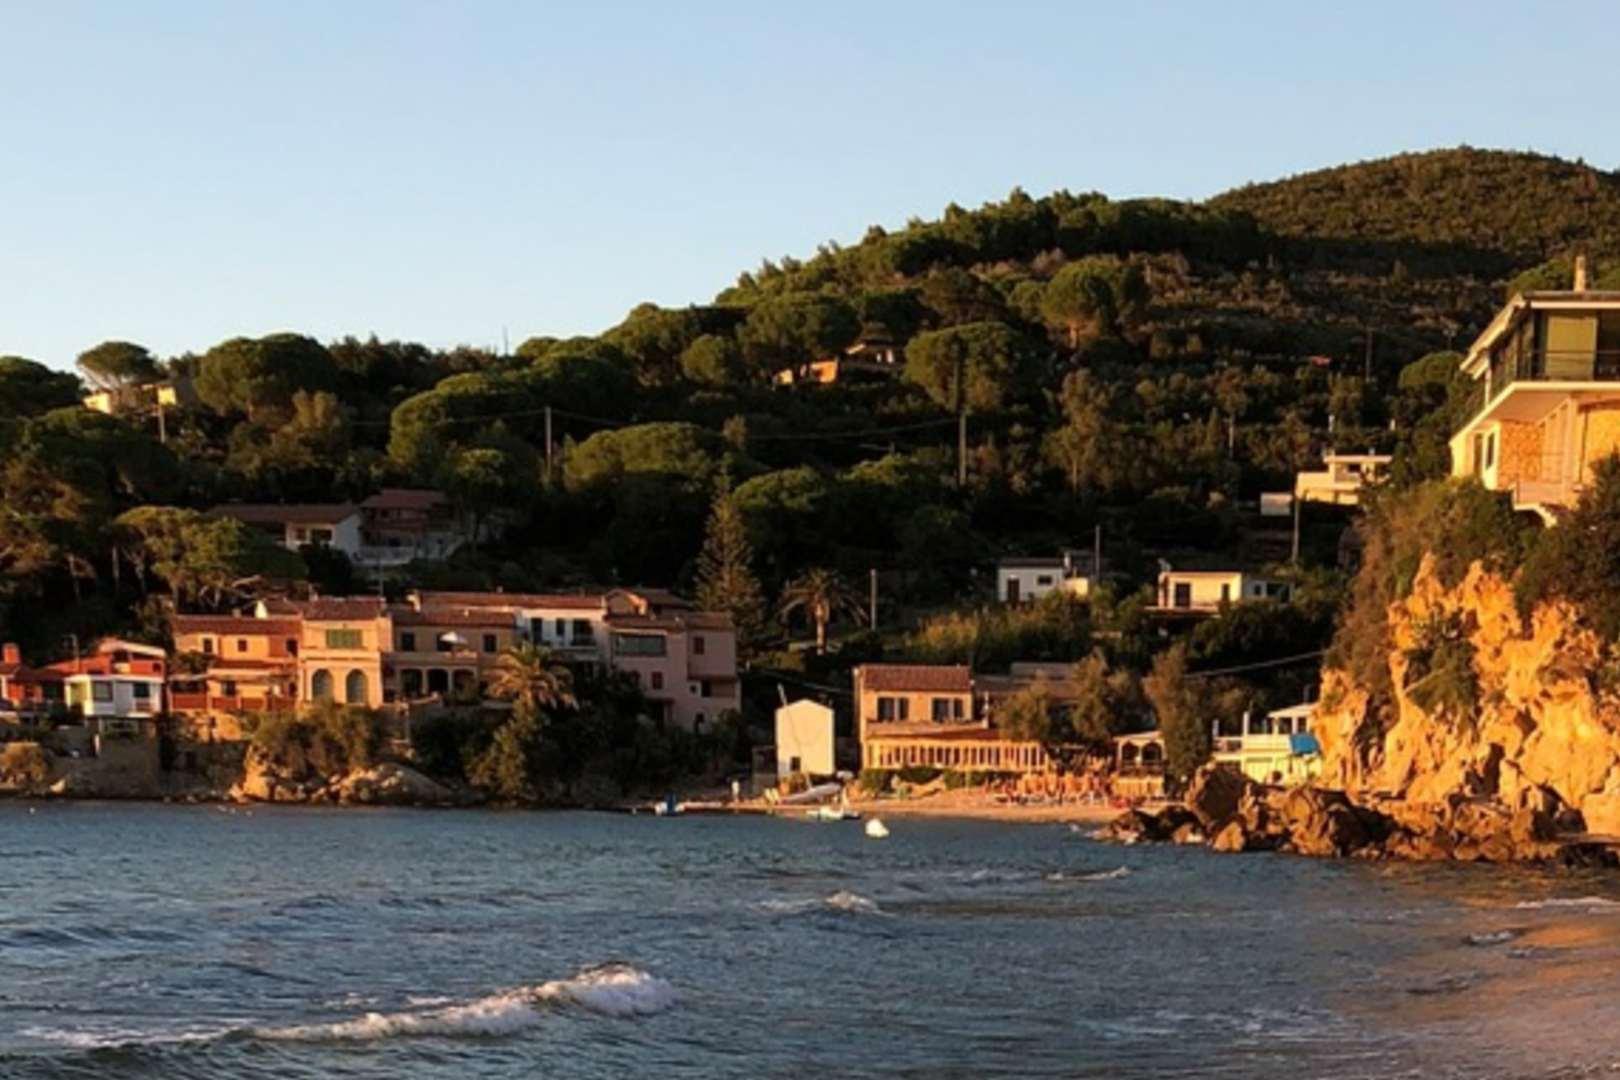 Włochy walczą o wyspy wolne od covi-19